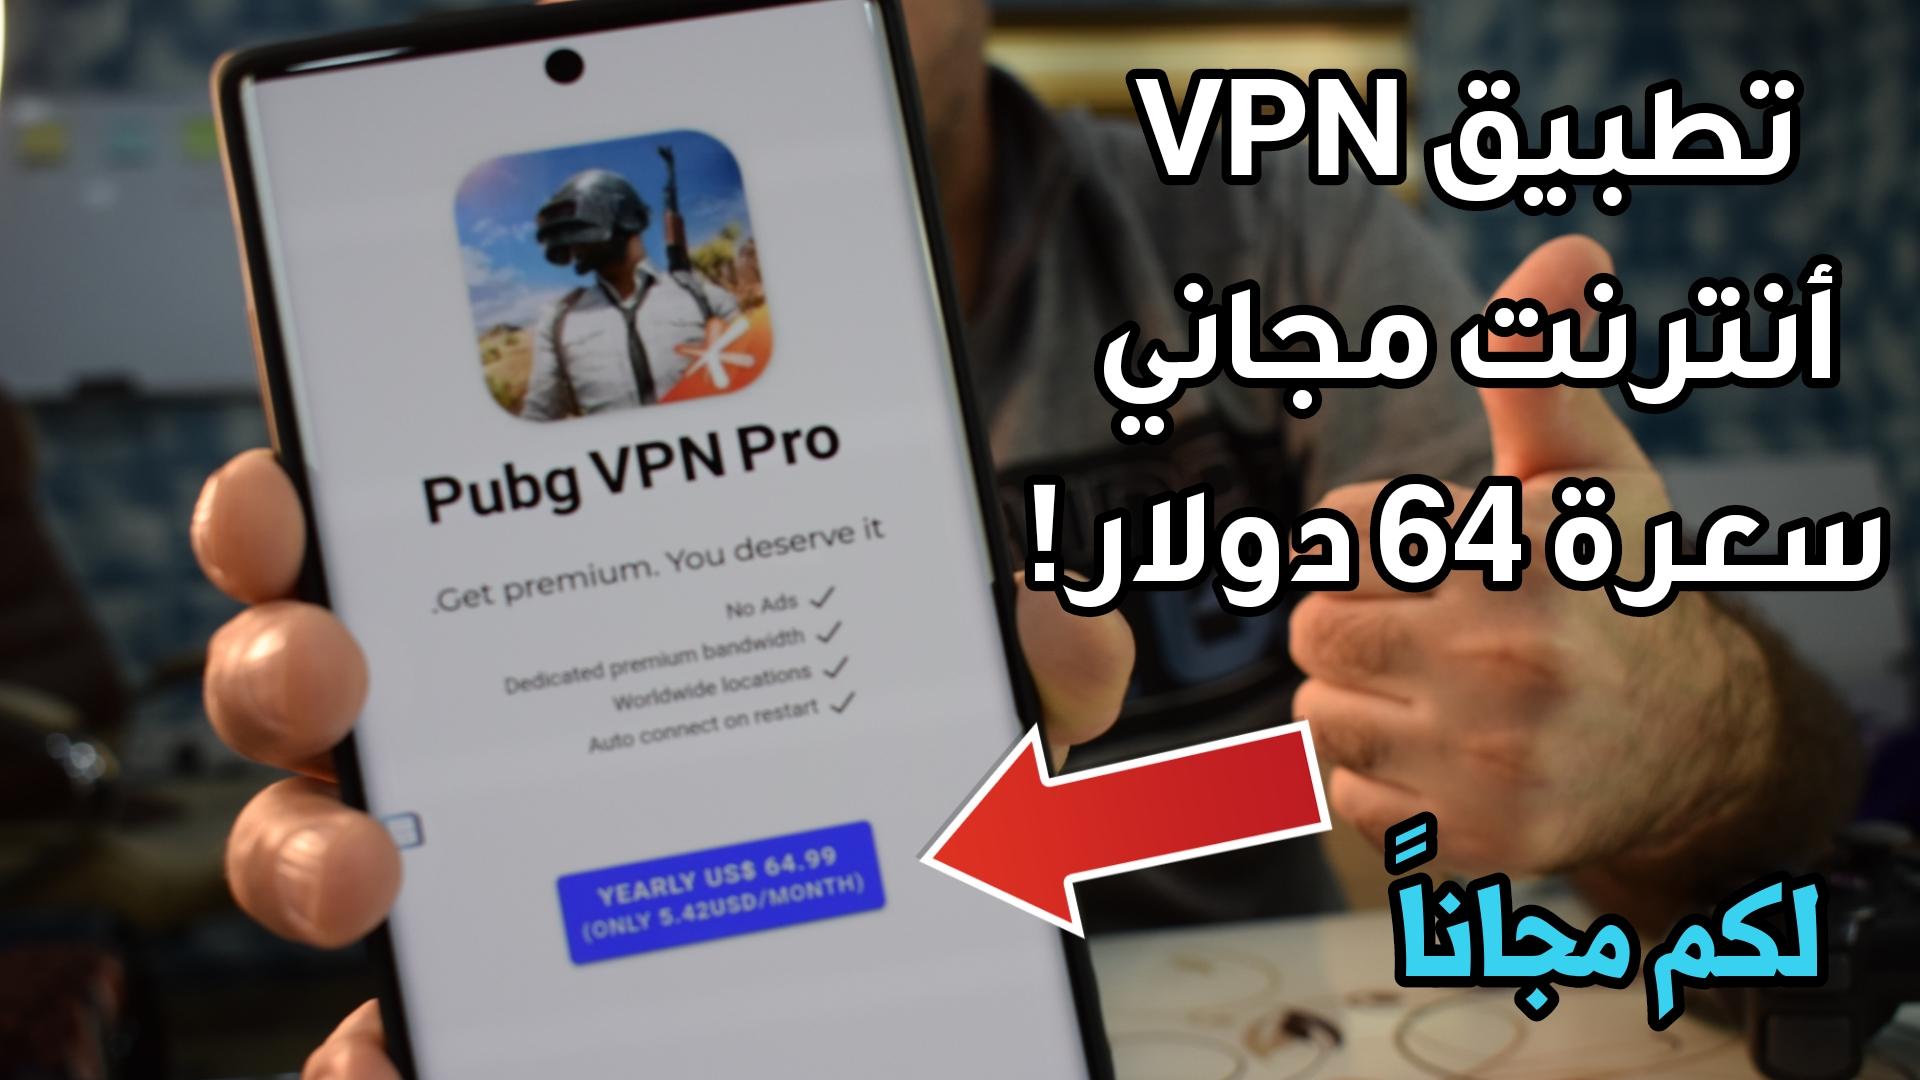 تطبيق VPN أنترنت مجاني سعرة 64 دولار ! حملة الآن - لن تصدق